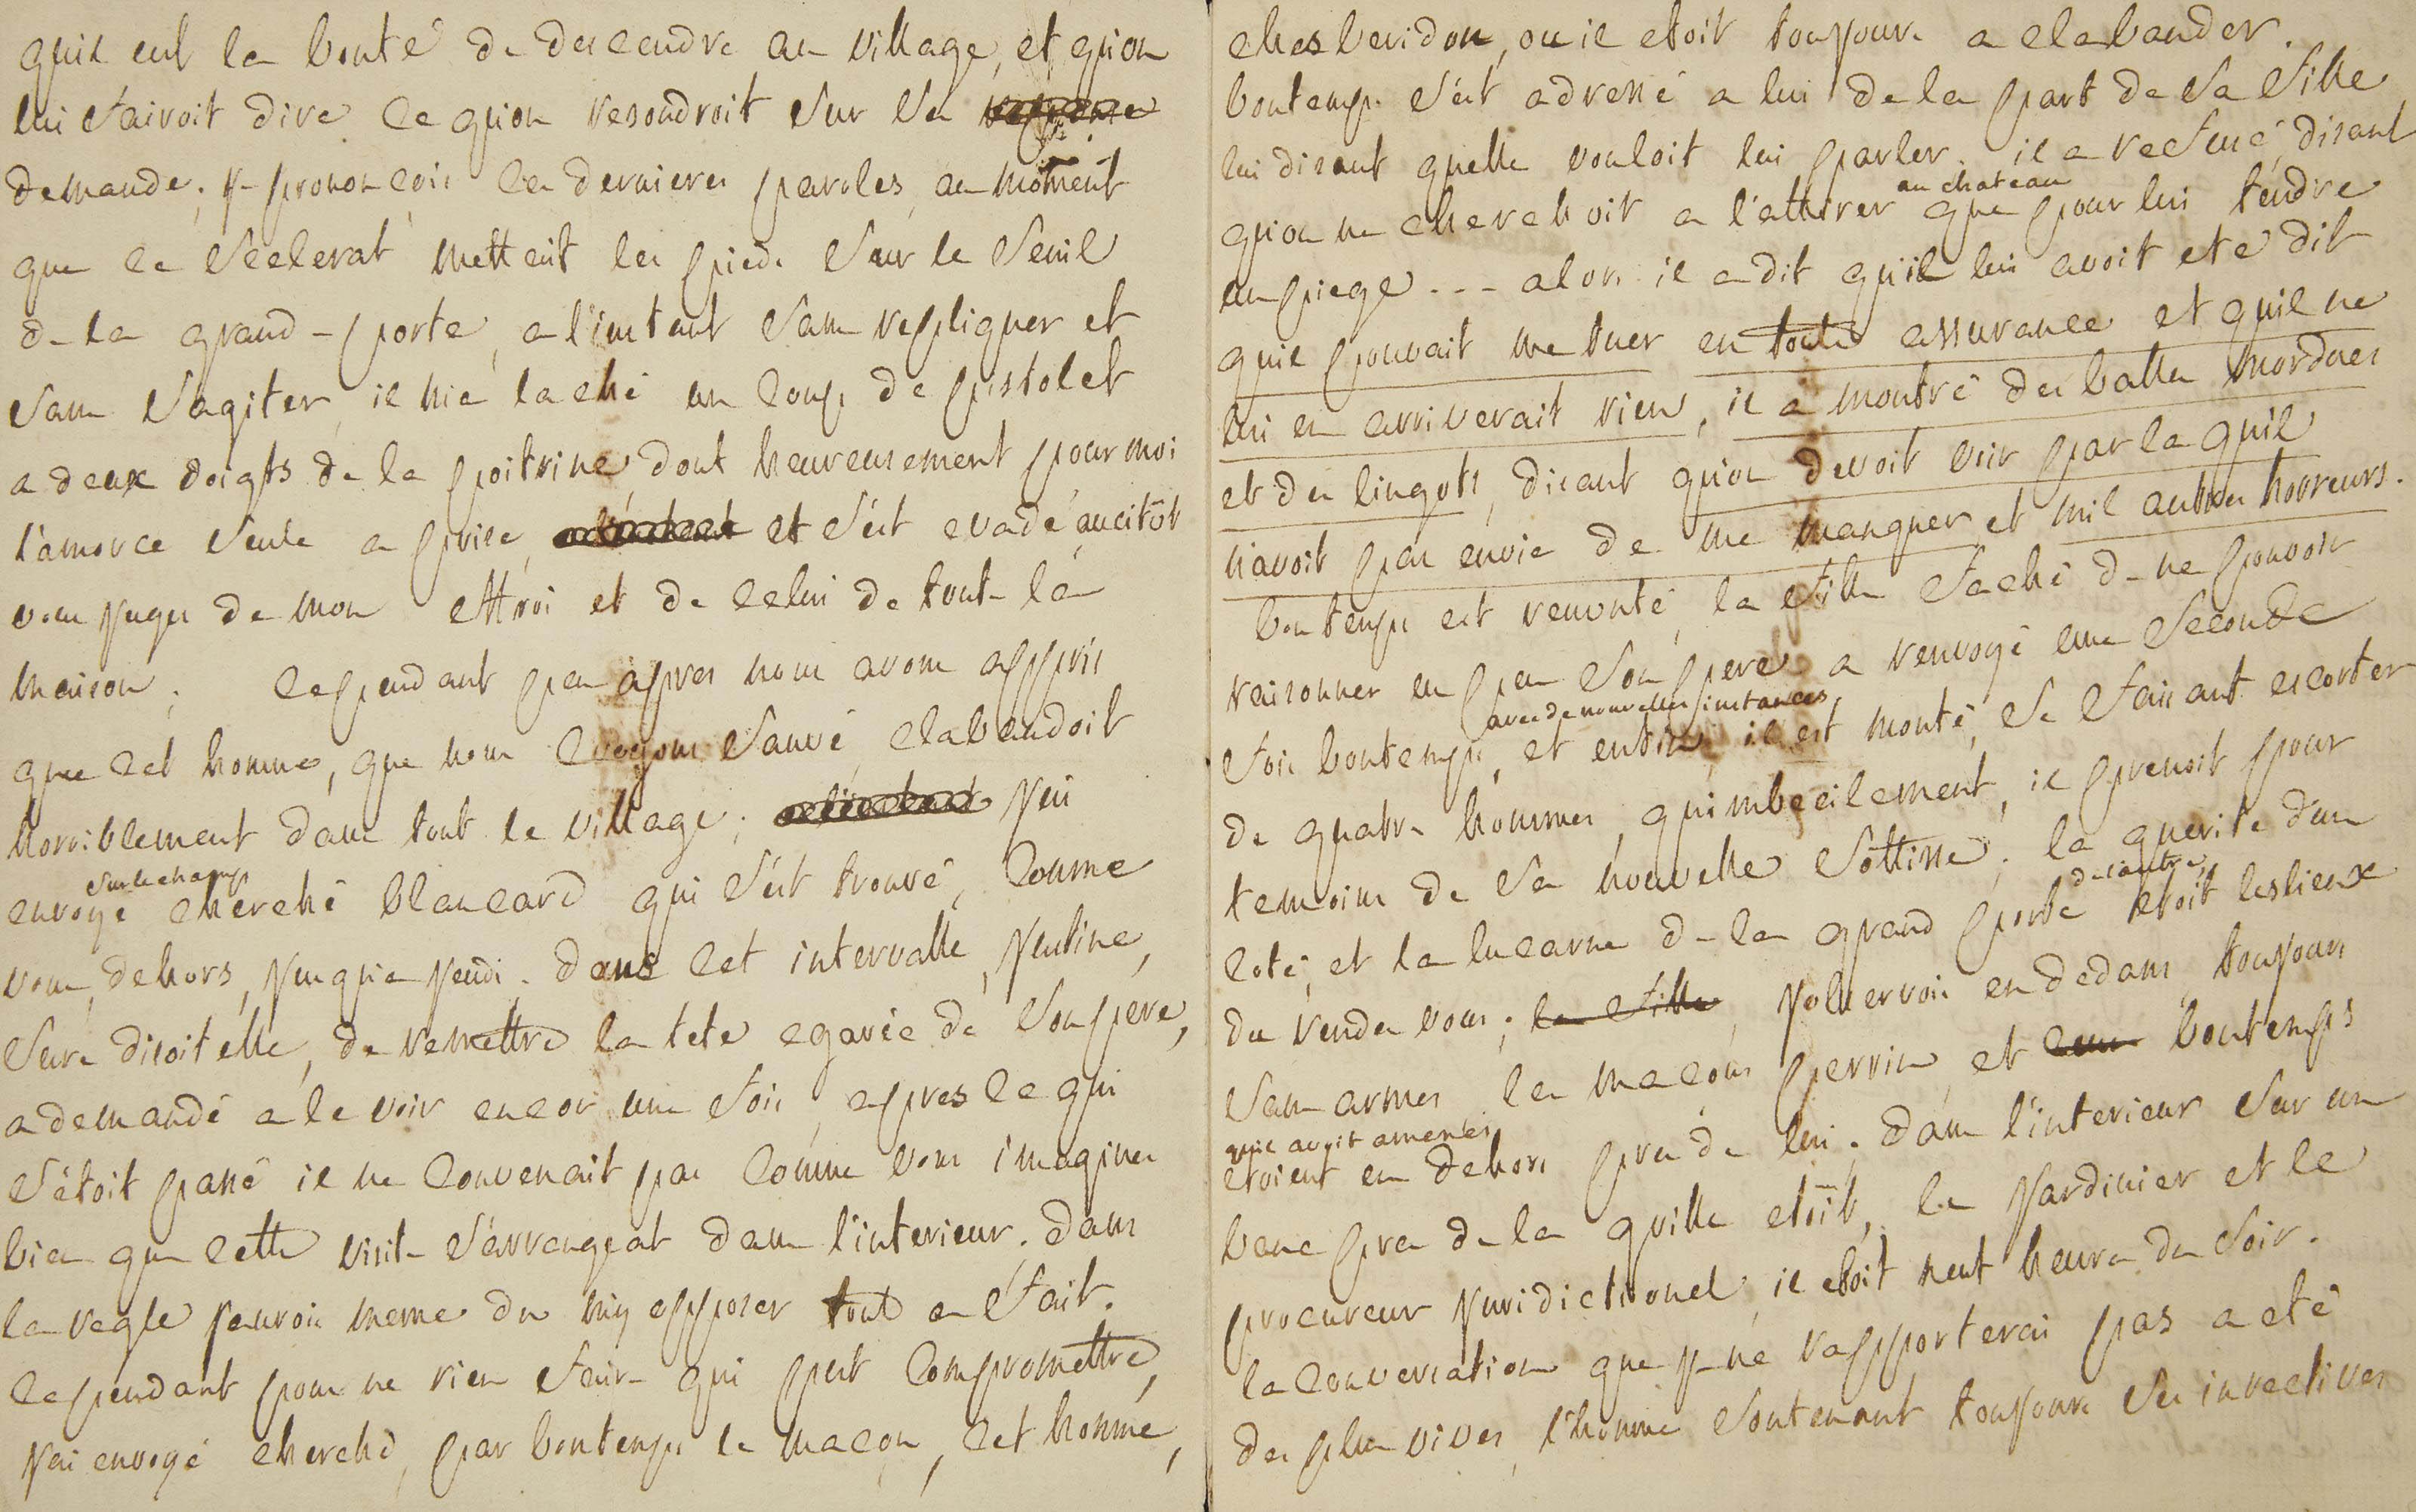 SADE, Donatien-Alphonse-François, marquis de (1740-1814). Lettre autographe à son avocat [Gaufridy], 8 pages in-4 (198 x 156 mm), sans date (peu après le 20 janvier 1777). (Traces de pliures.)